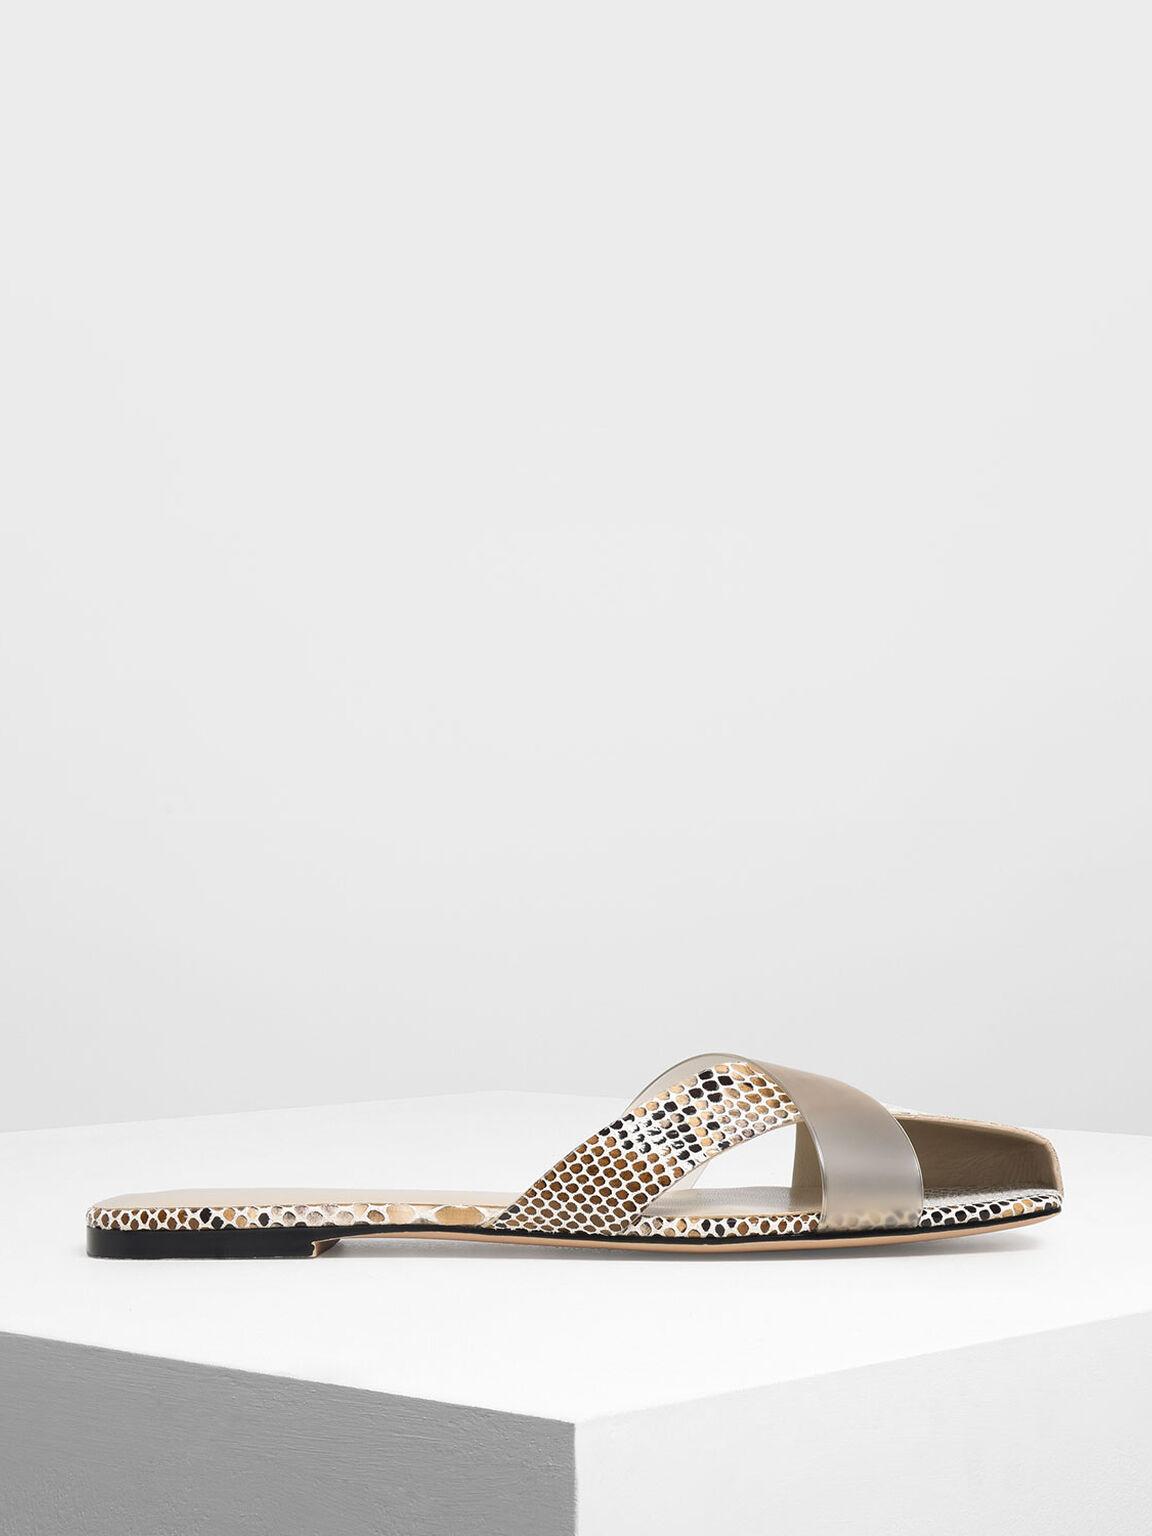 Asymmetrical Strap Snake Print Slide Sandals, Pink, hi-res